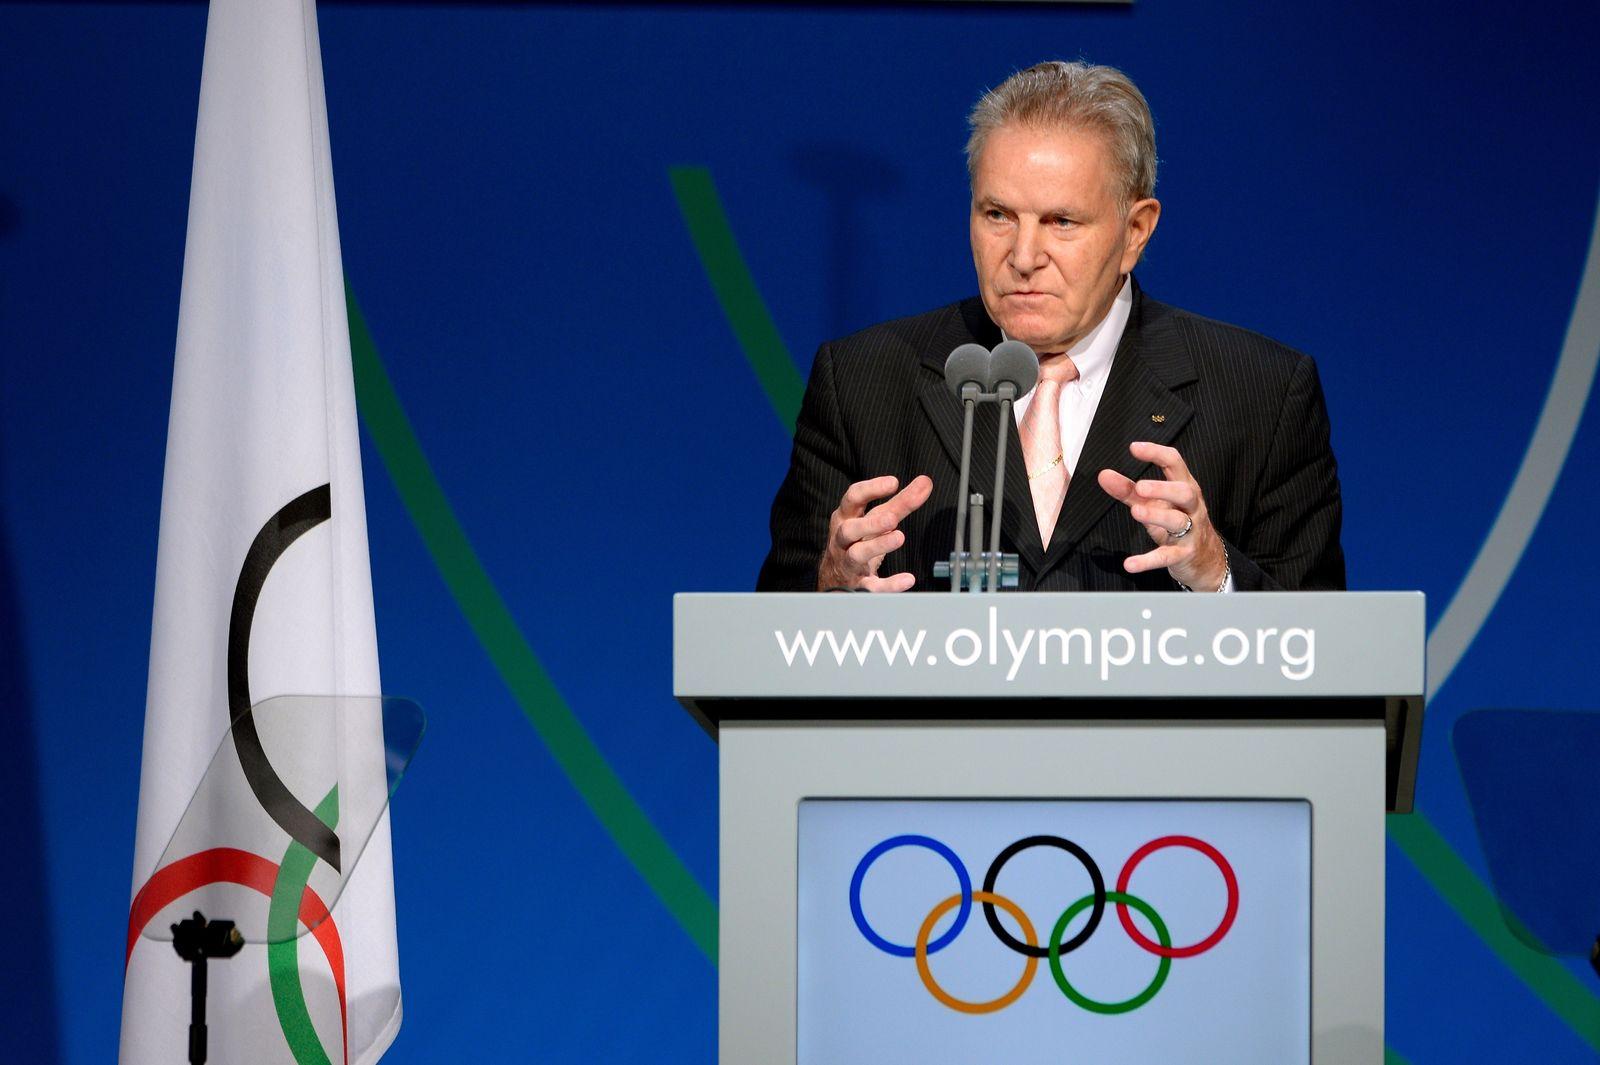 OLY-2020-IOC-OSWALD